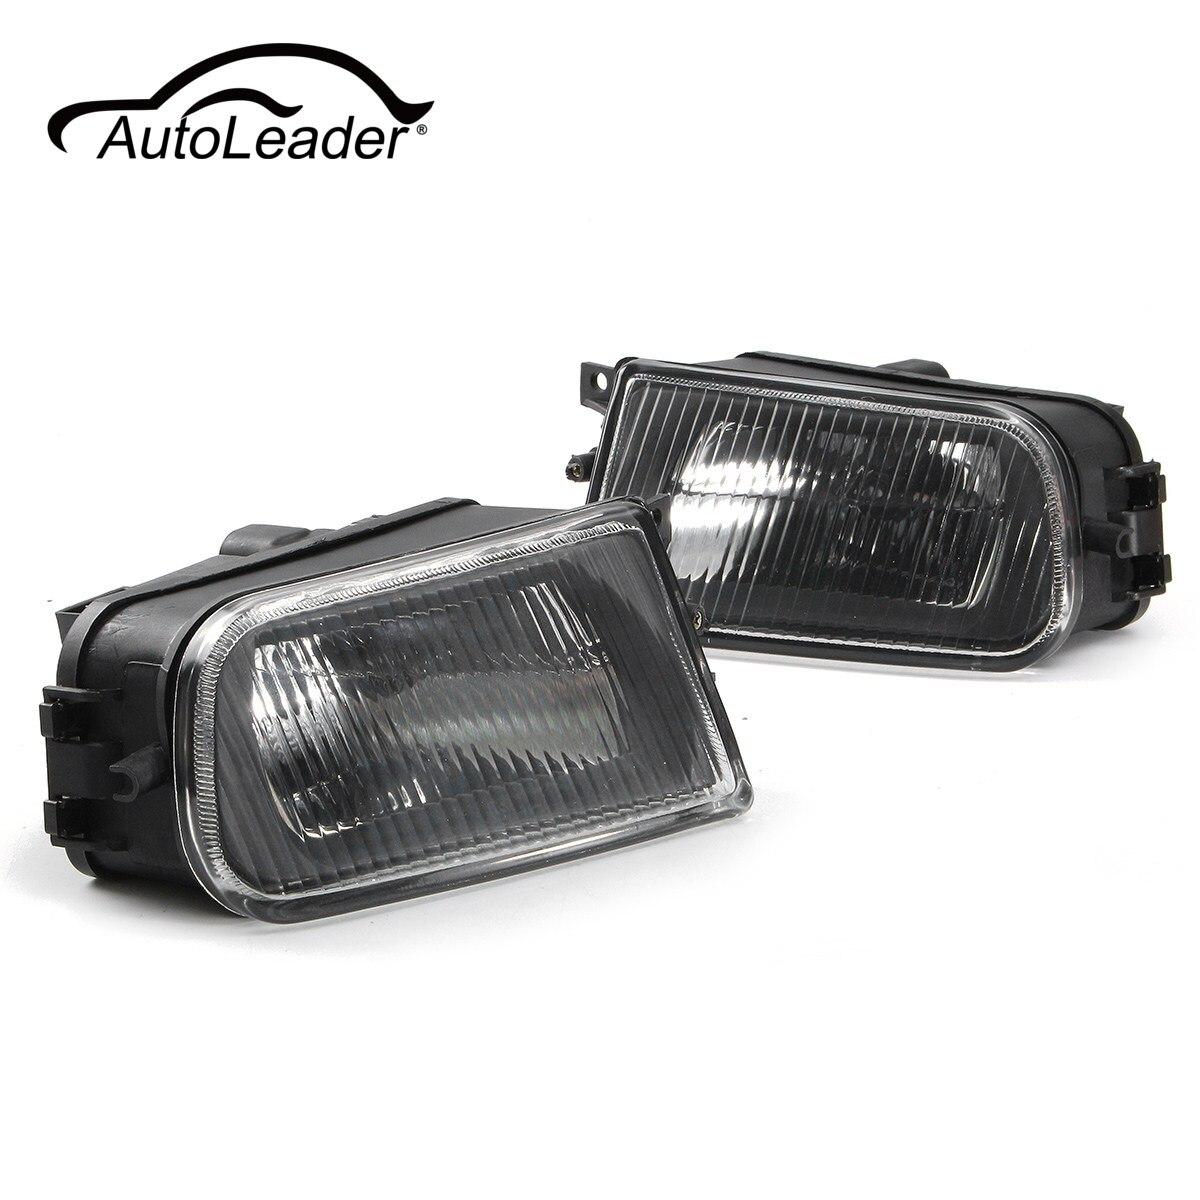 AutoLeader 1 Paire Gauche/Droite Noir Brouillard Lumières Pare-chocs Boîtier De La Lampe pour BMW E39 série 97-00/Z3 97-01 63178360575 63178381977